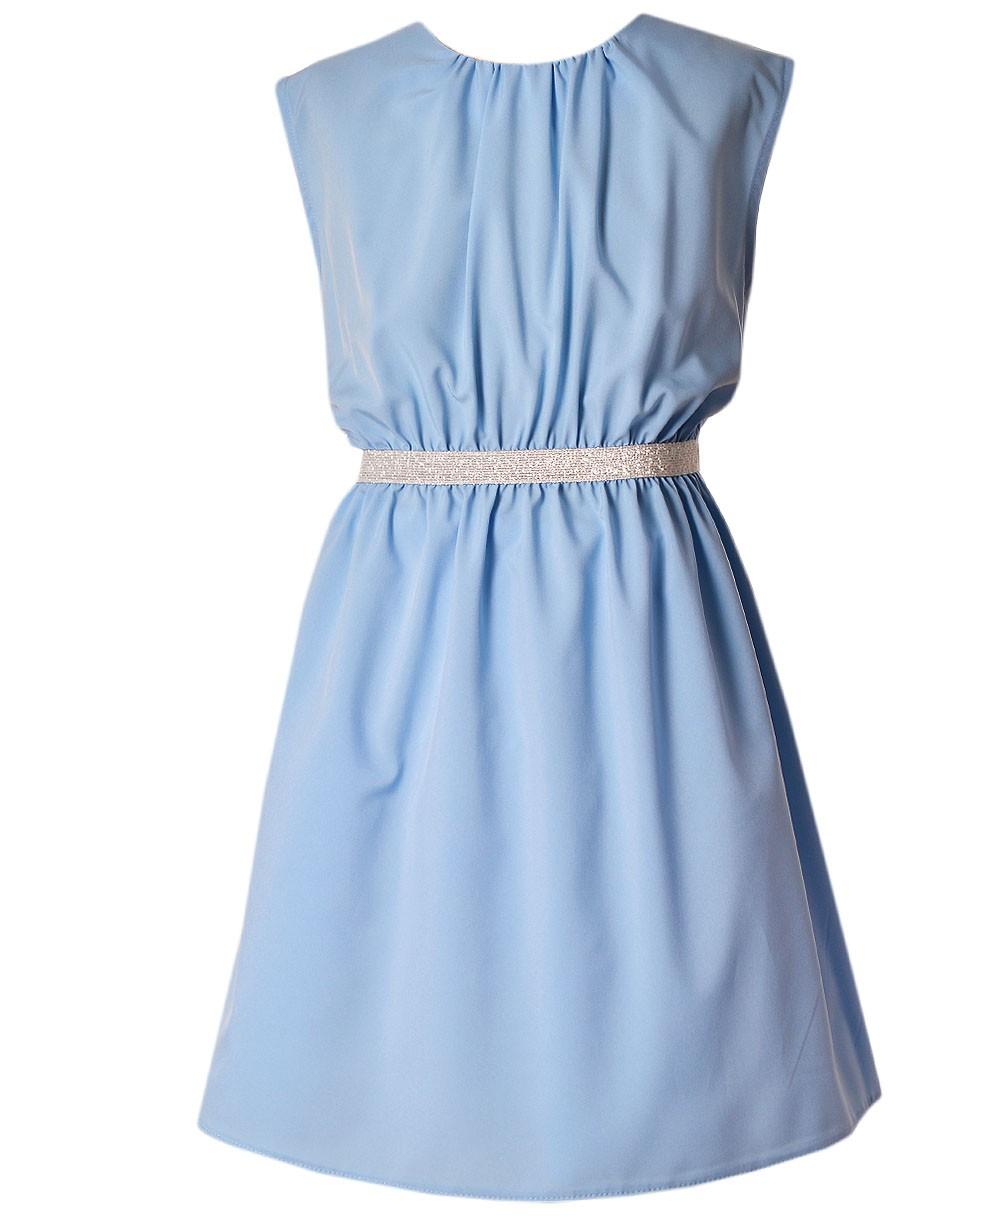 Sukienka Roma Niebieska Emma Polska Marka Odzieży Dziecięcej